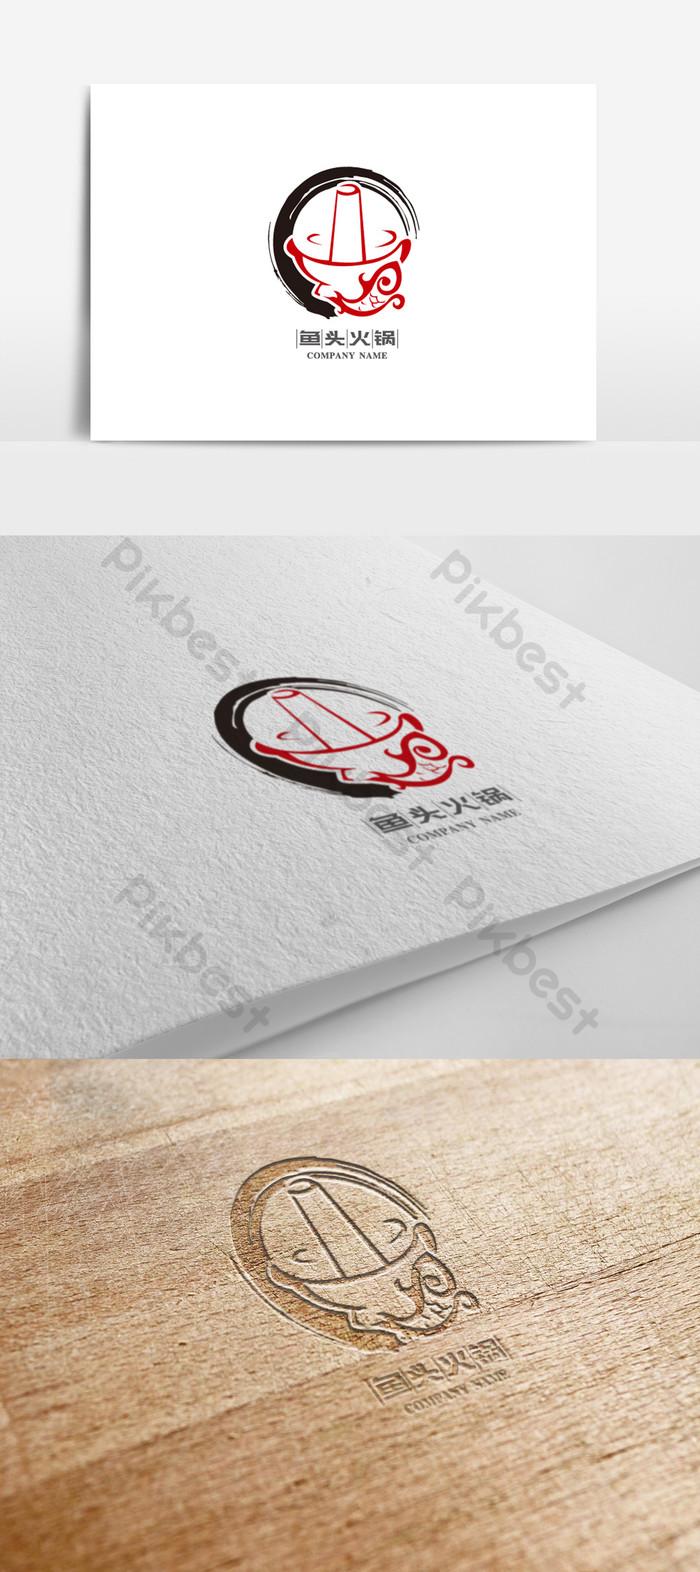 創意中國風魚頭火鍋標誌logo設計| CDR 素材免費下載 - Pikbest